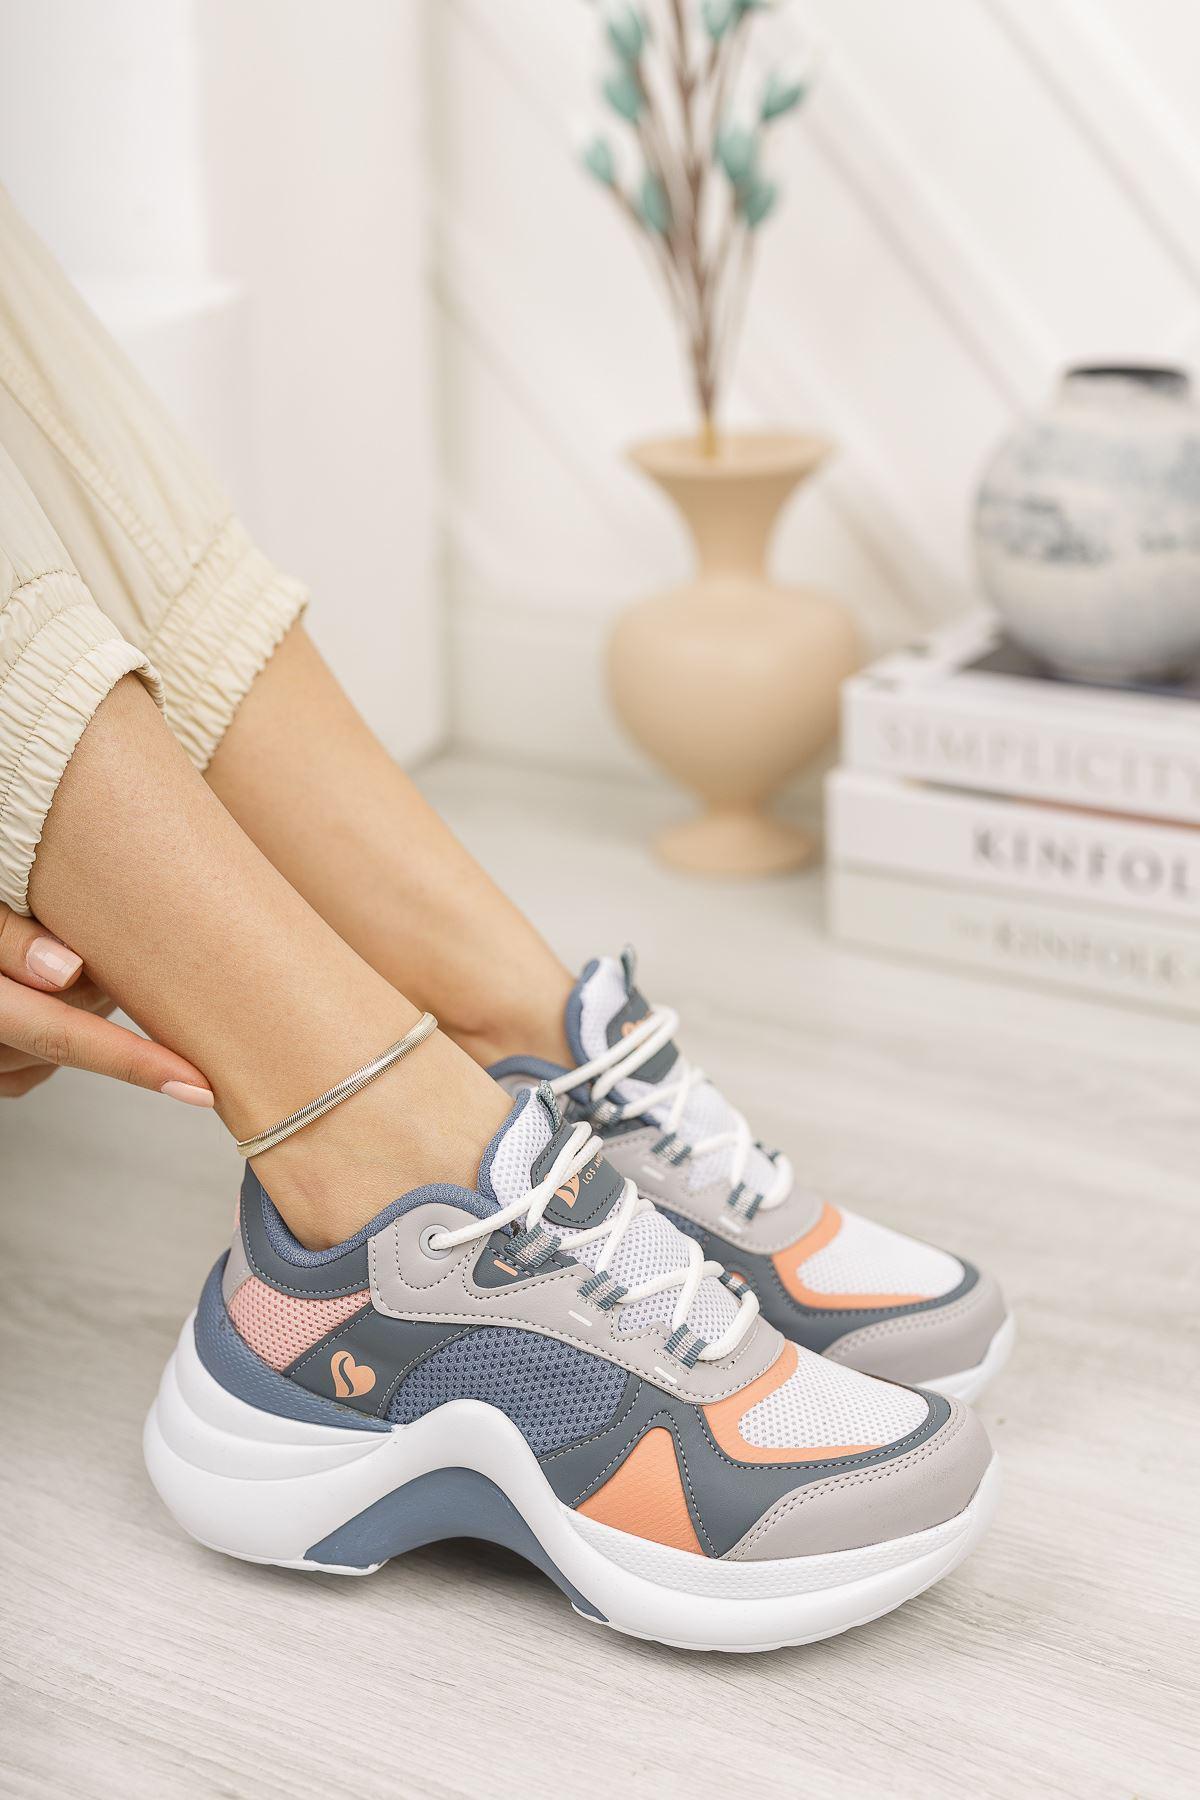 Kadın Sesa Kalın Taban Pudra Beyaz Spor Ayakkabı